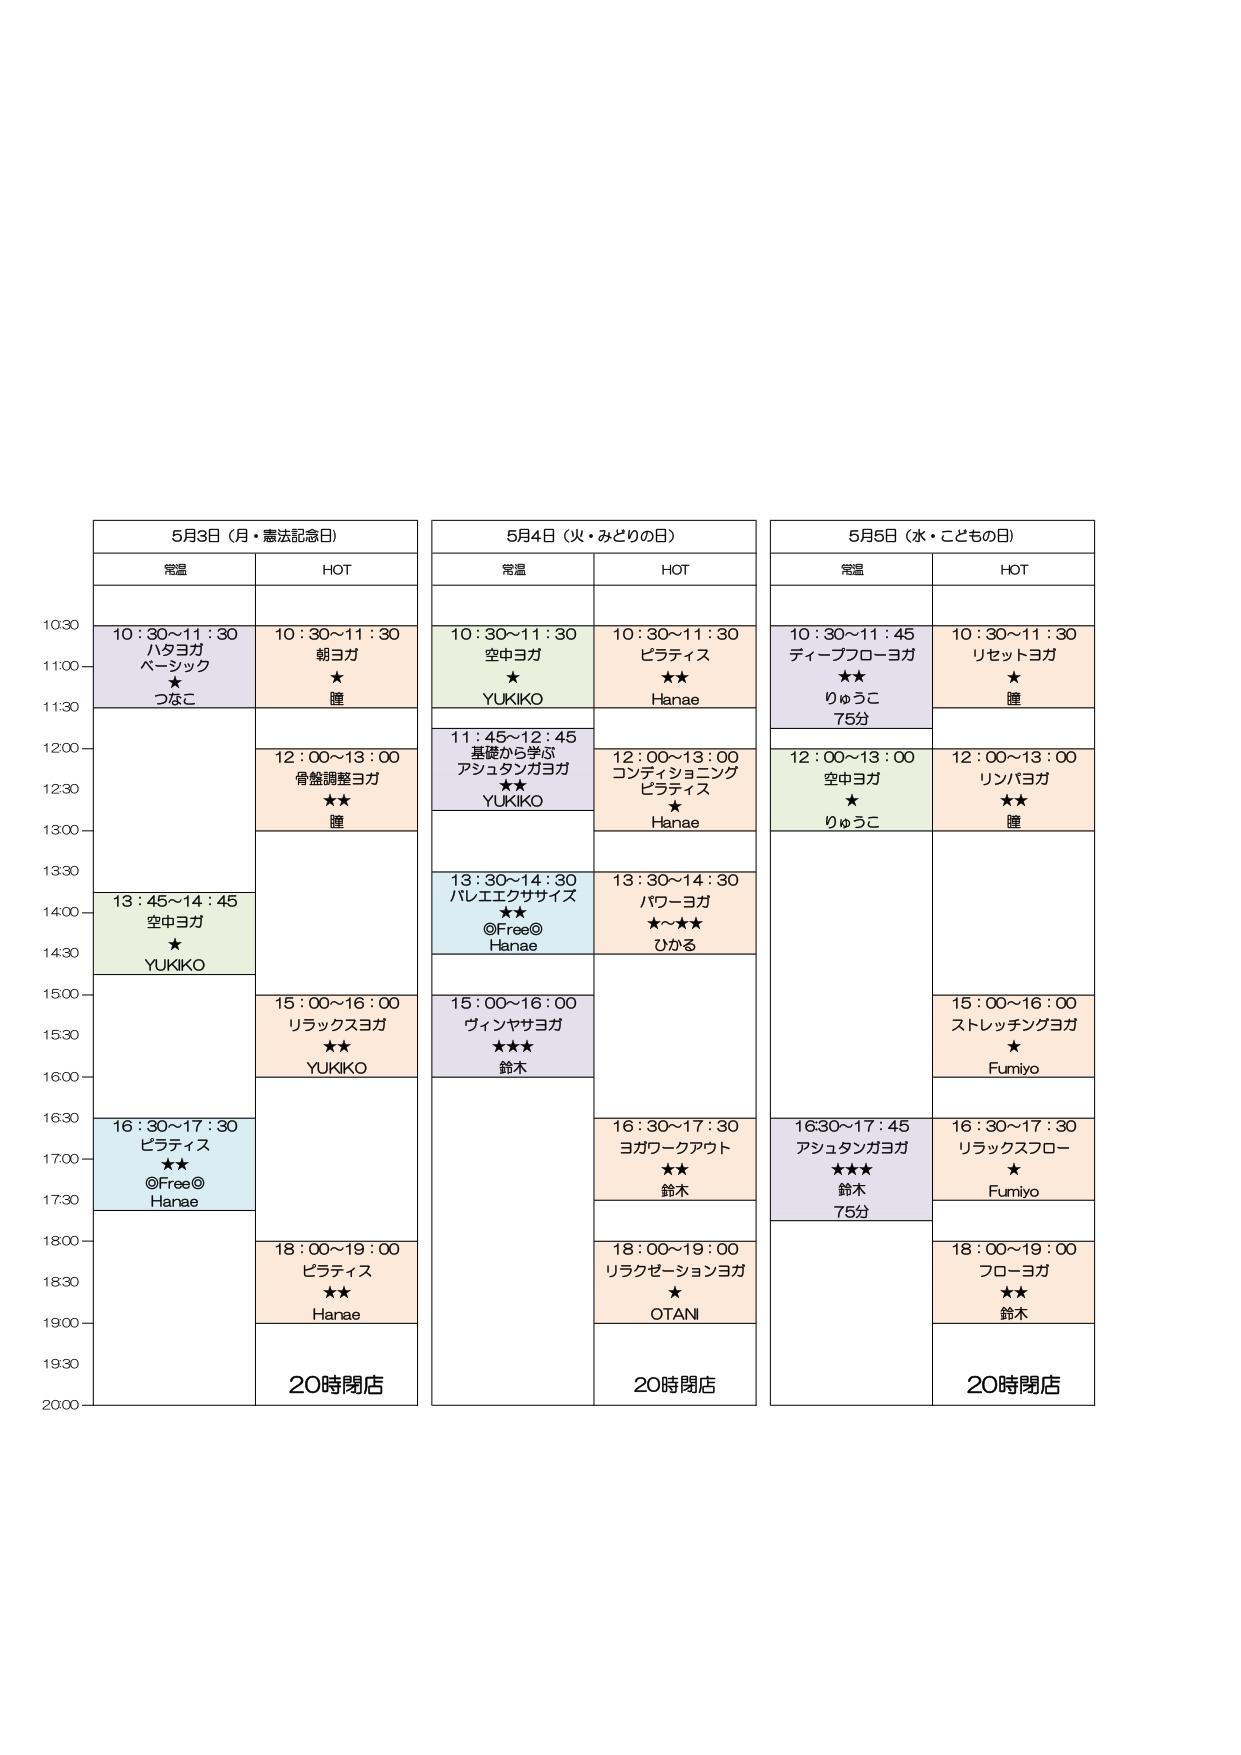 2021年5月五香祝日スケジュール(HP用)_page-0001